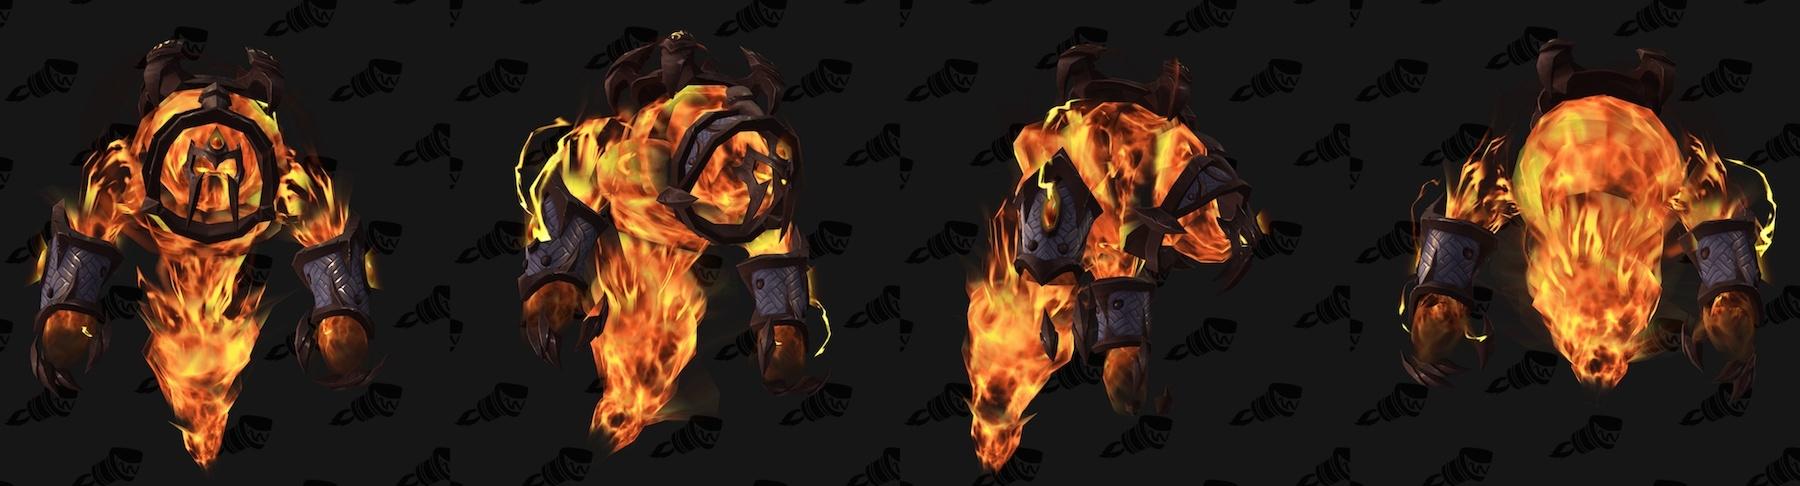 hämische flamme wow legion